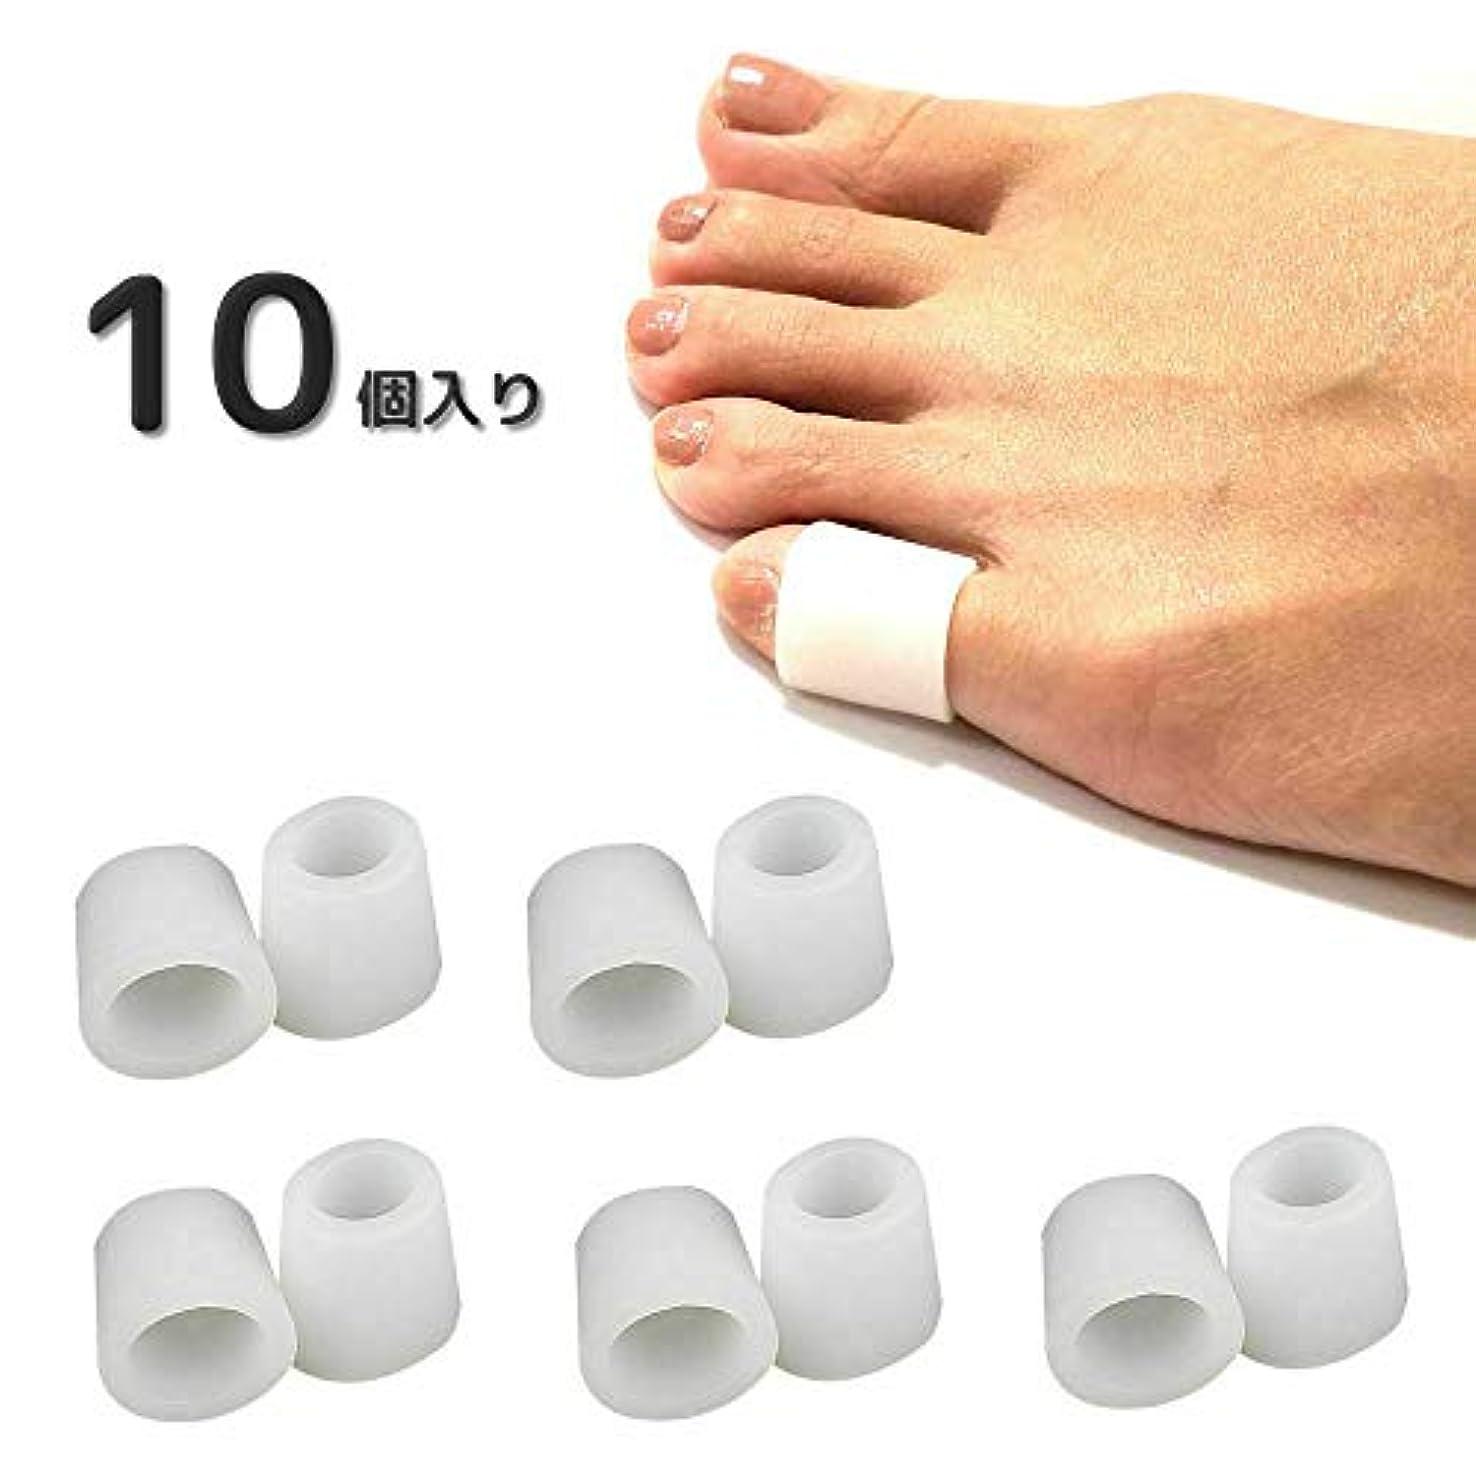 ターゲット鉱夫検査Lumiele 指や爪の保護キャップ 足爪 足指 柔らかシリコン サポーター 小指 指サック 5セット 10個入り